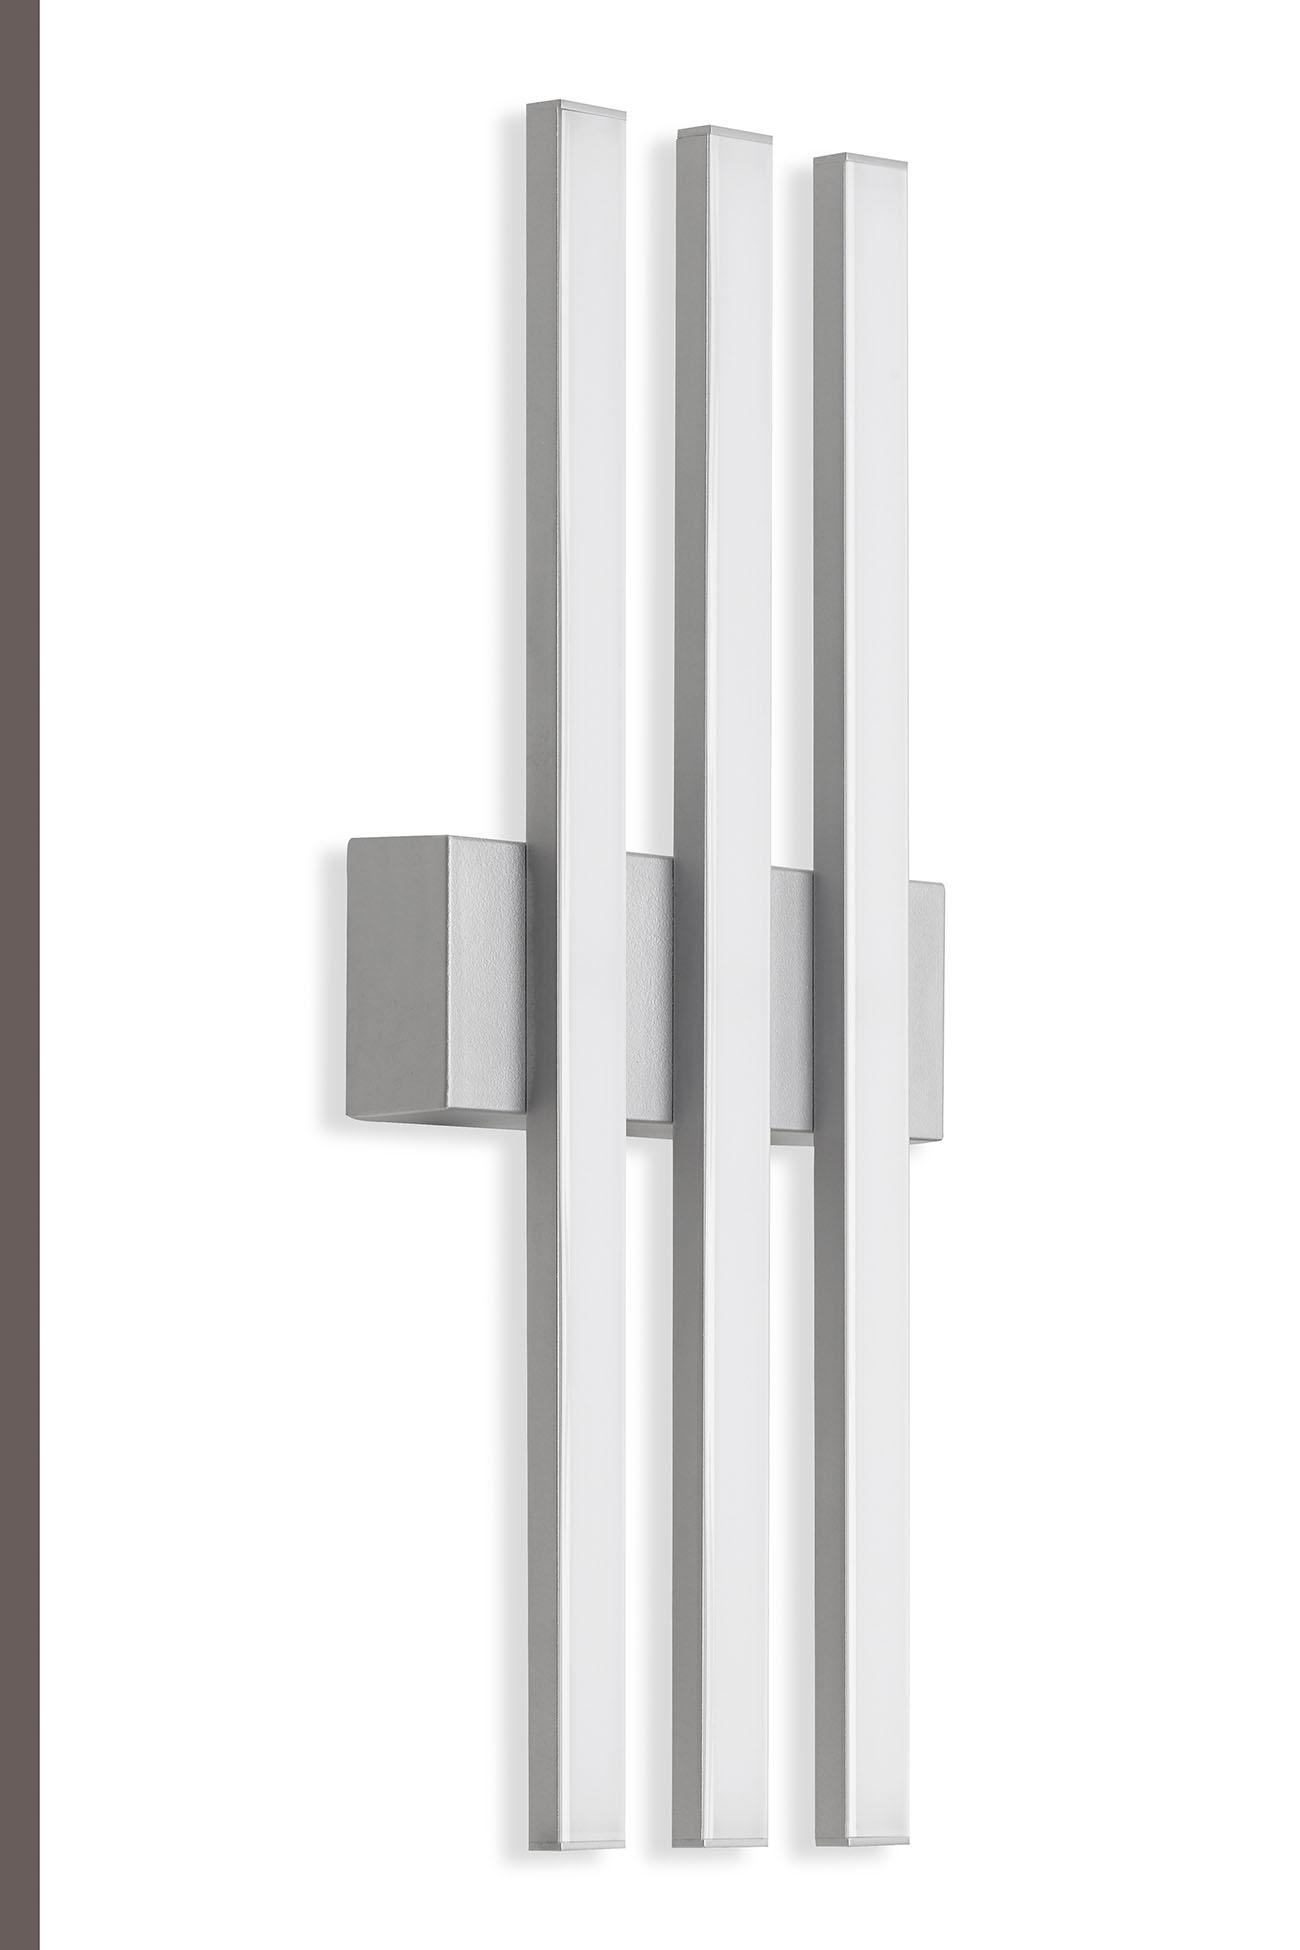 TELEFUNKEN LED Außenwandleuchte, 37 cm, 12 W, Silber